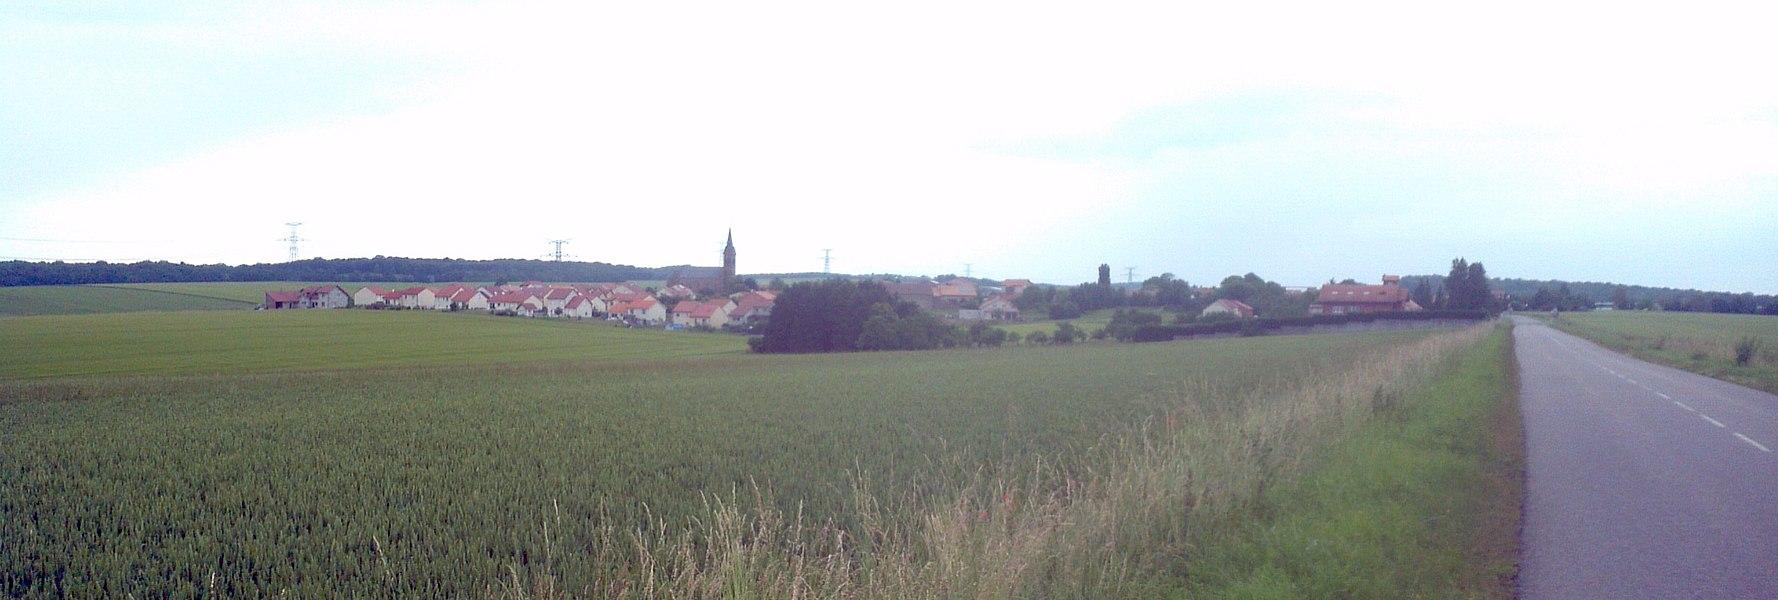 Ortsbild von Vry, Lothringen